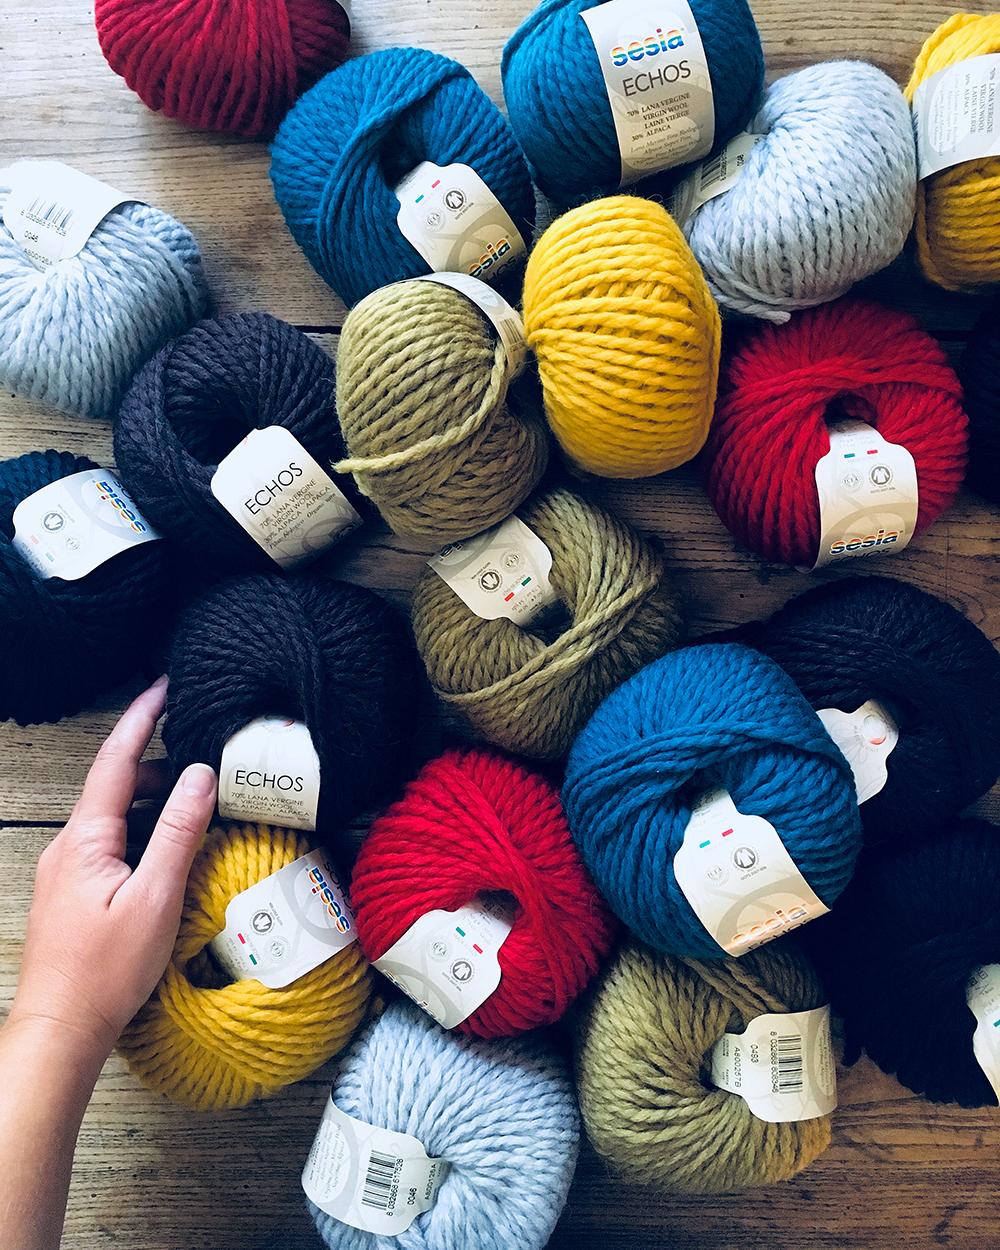 Echos - 70% lana 30% alpaca.